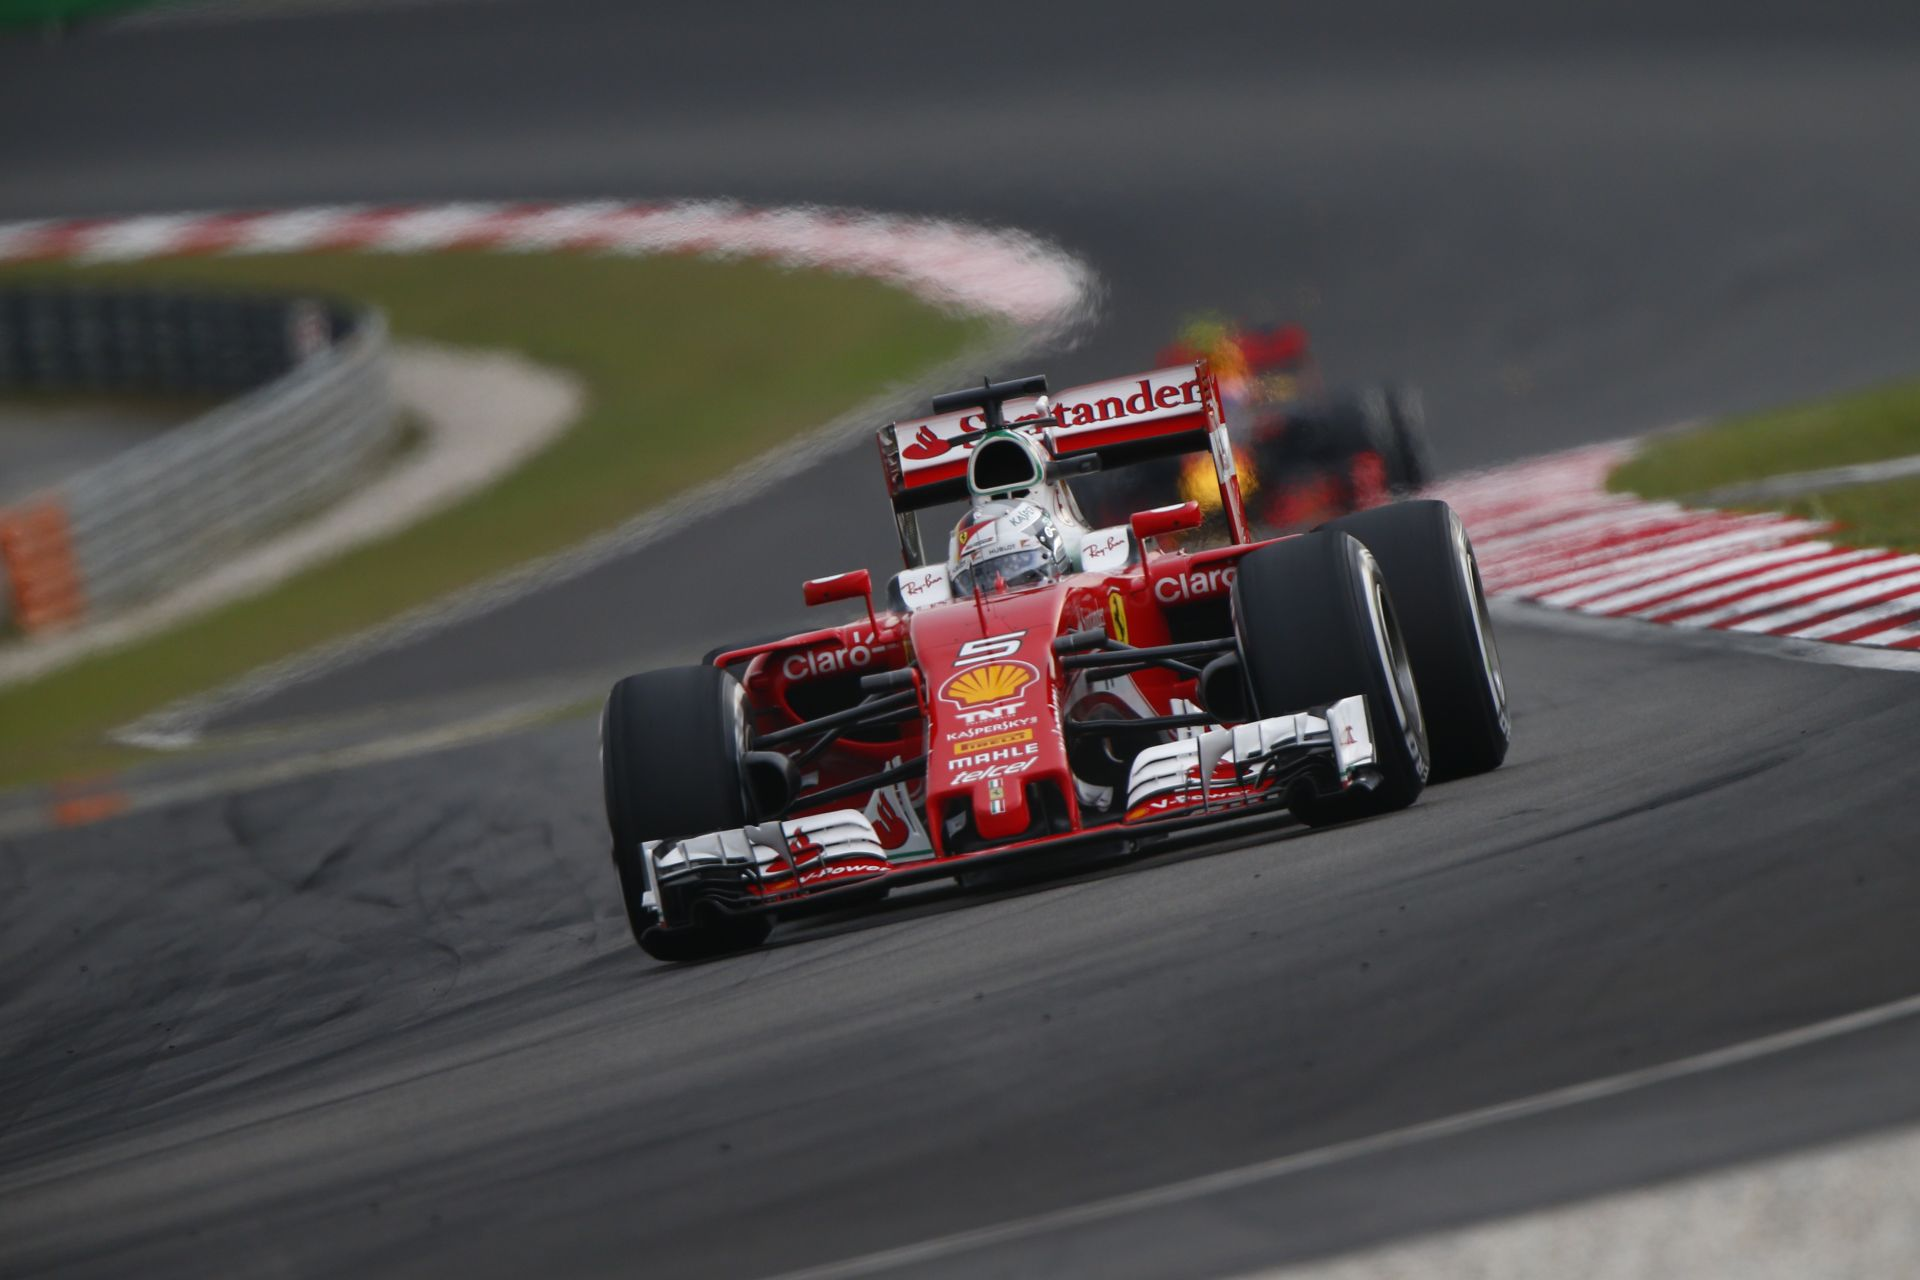 4-es osztályzatot kapott Vettel a Maláj Nagydíjra: leszerepelt a bajnok